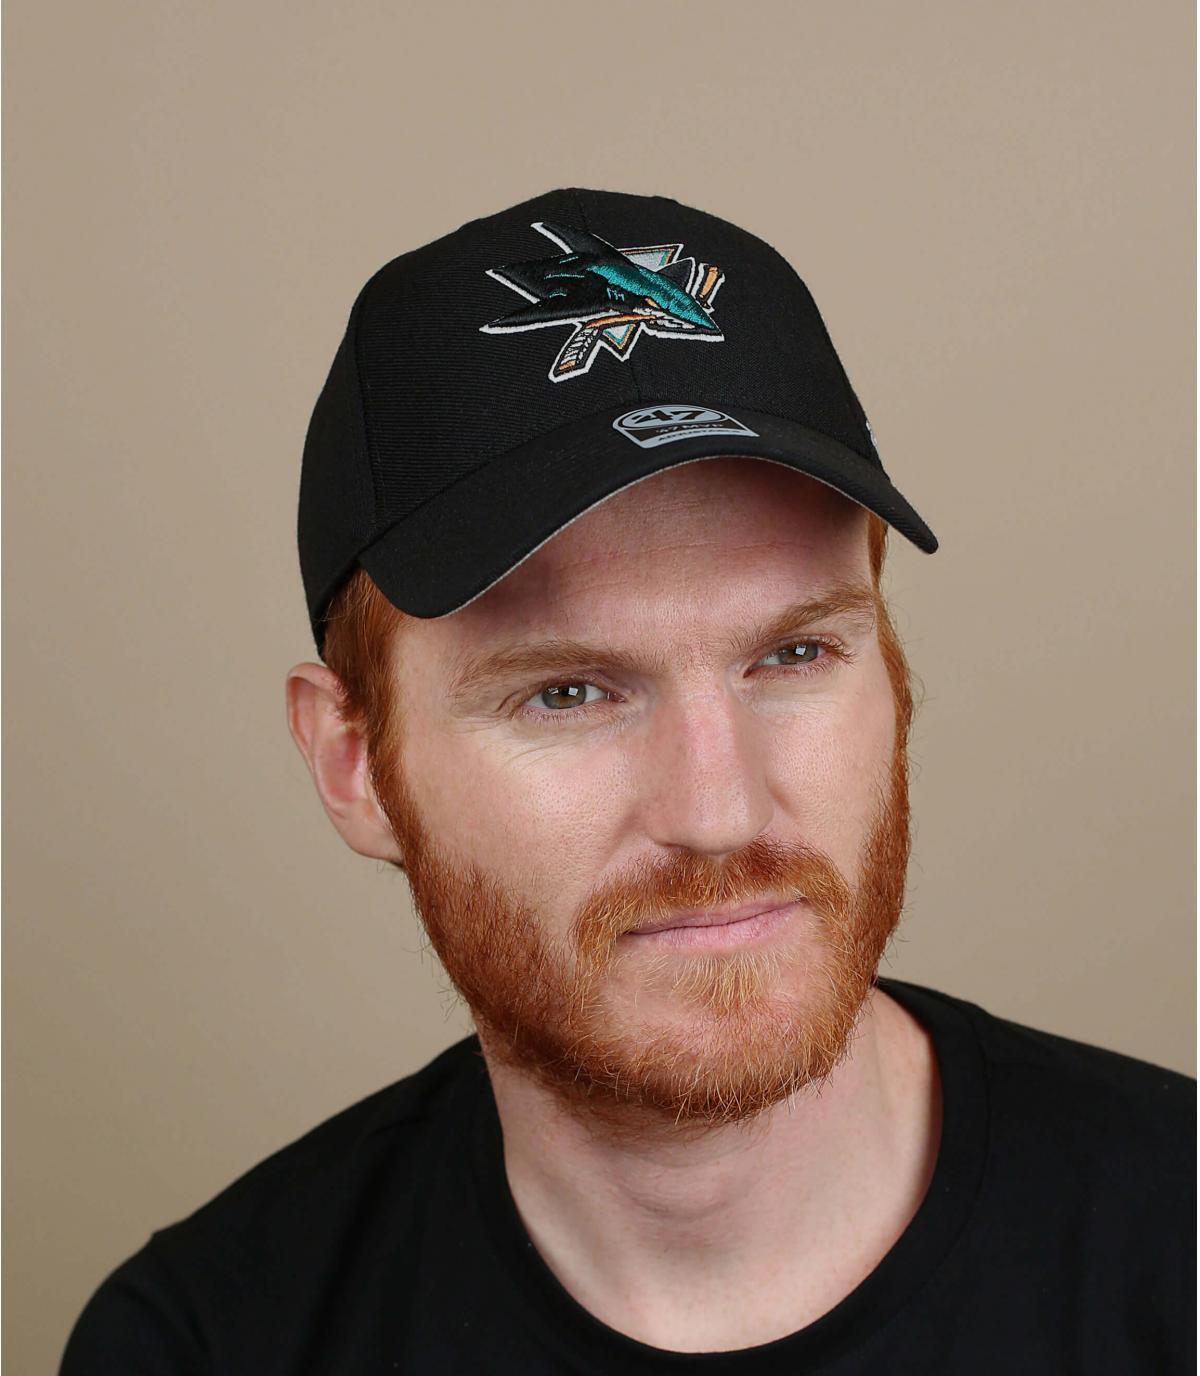 Black San Jose Sharks cap